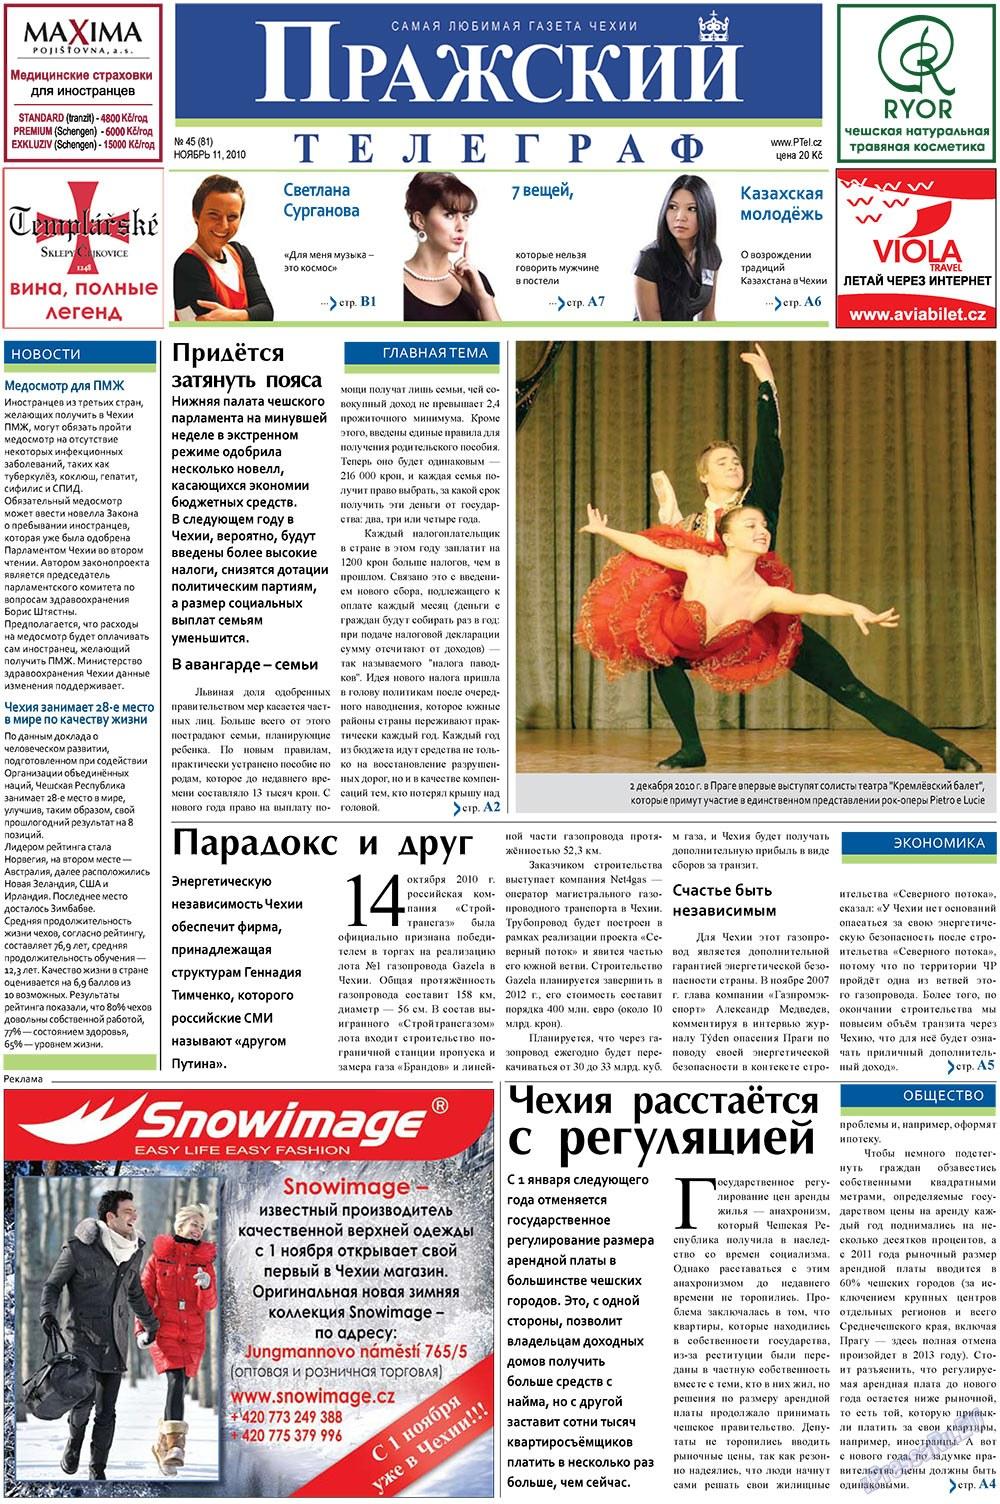 Пражский телеграф (газета). 2010 год, номер 45, стр. 1